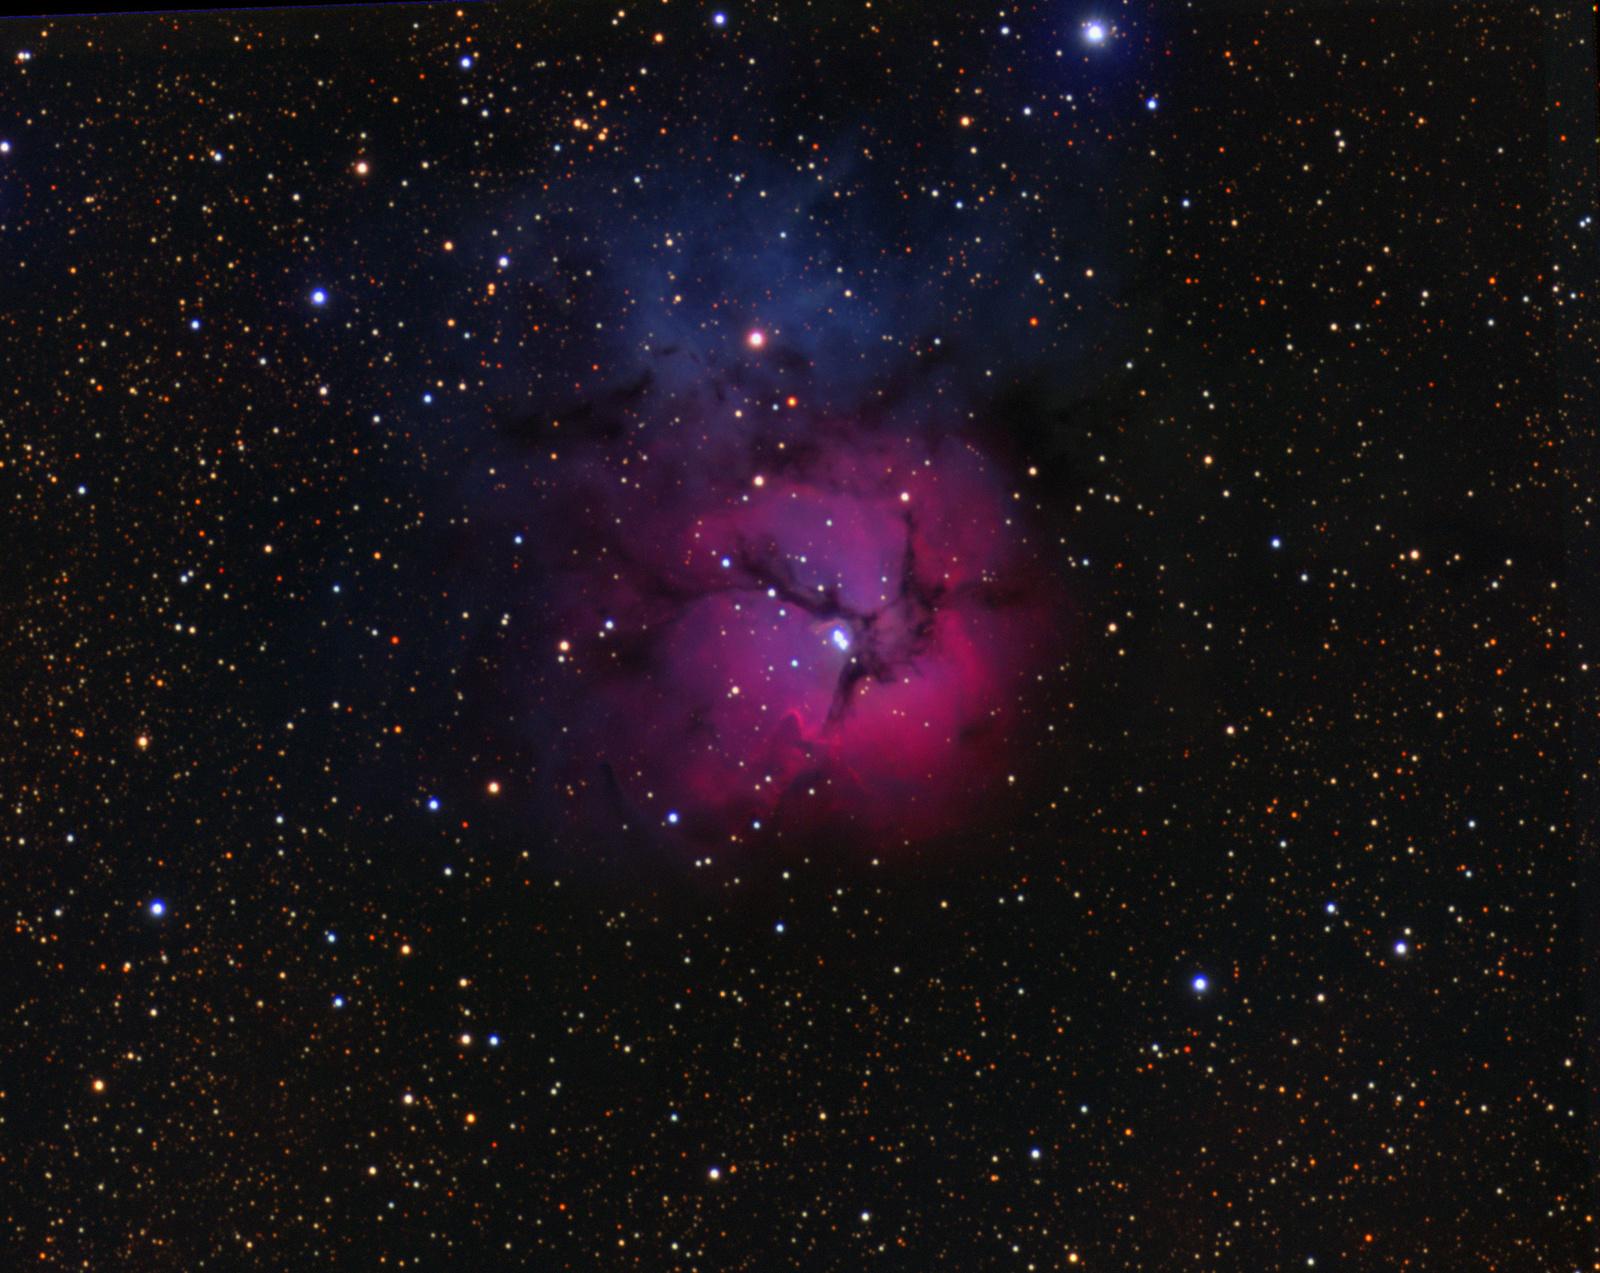 RGB.thumb.jpg.88094275723d4d2414a1e6270366a65b.jpg